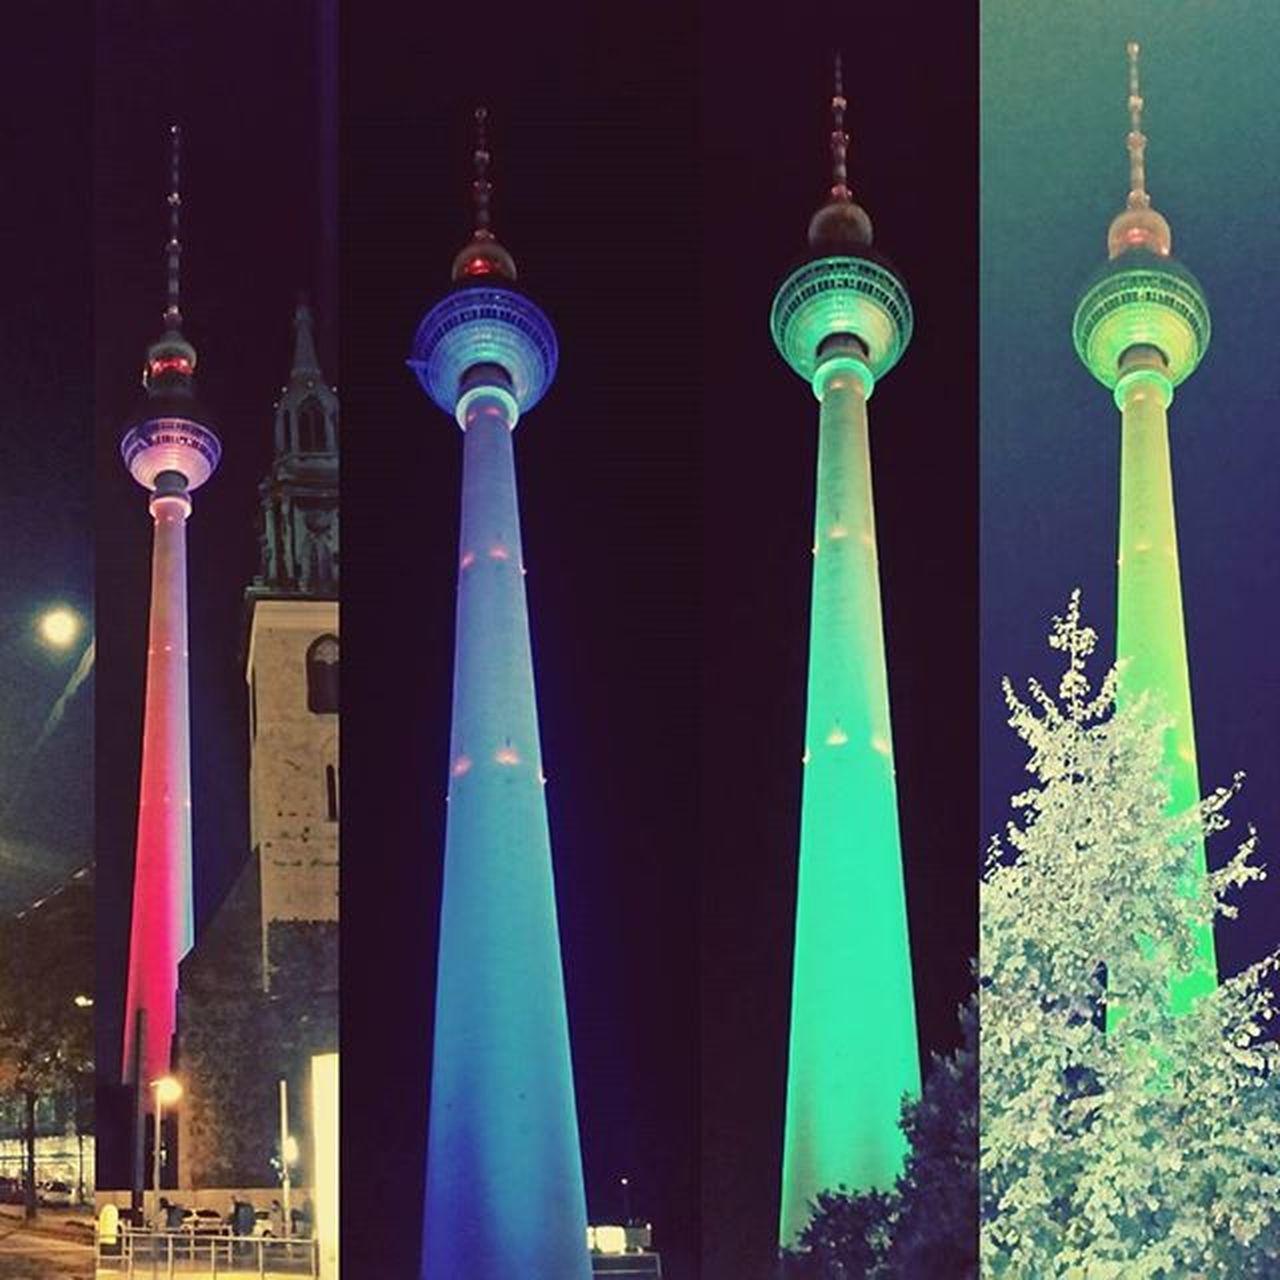 Kolory Alexanderlplatz Berlin Igła Fernsehturm